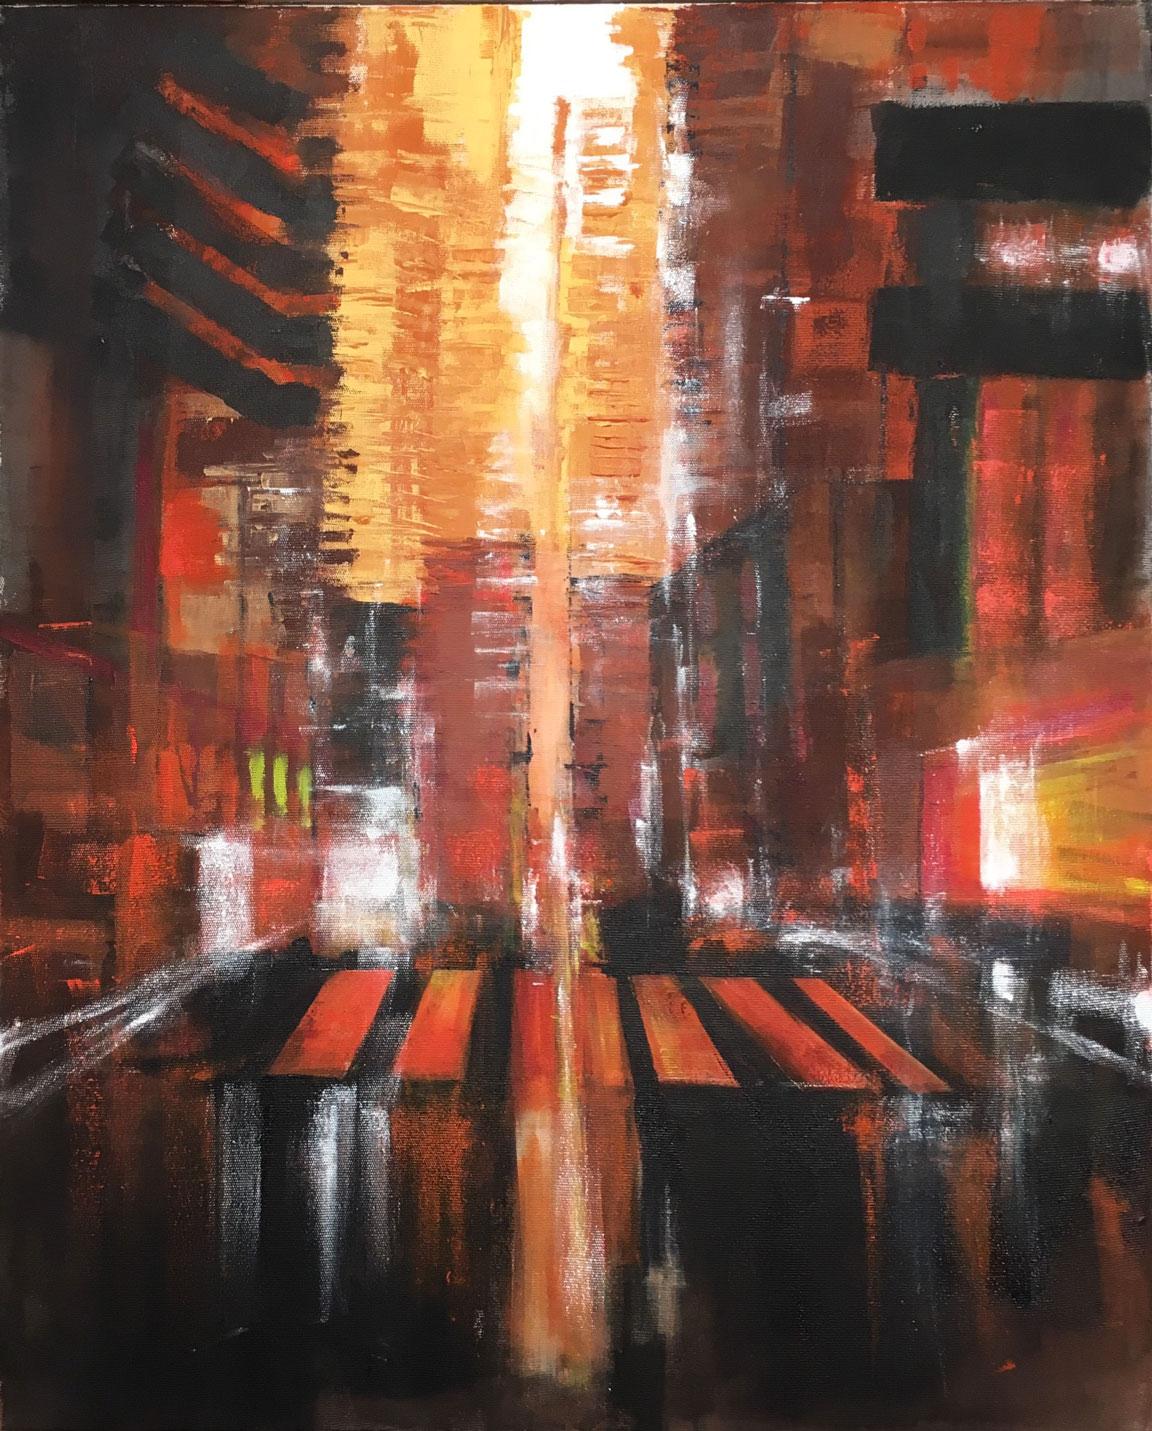 N°3445 - Acrylique et pigments sur toile - 100 x 81 cm - 28 septembre 2017